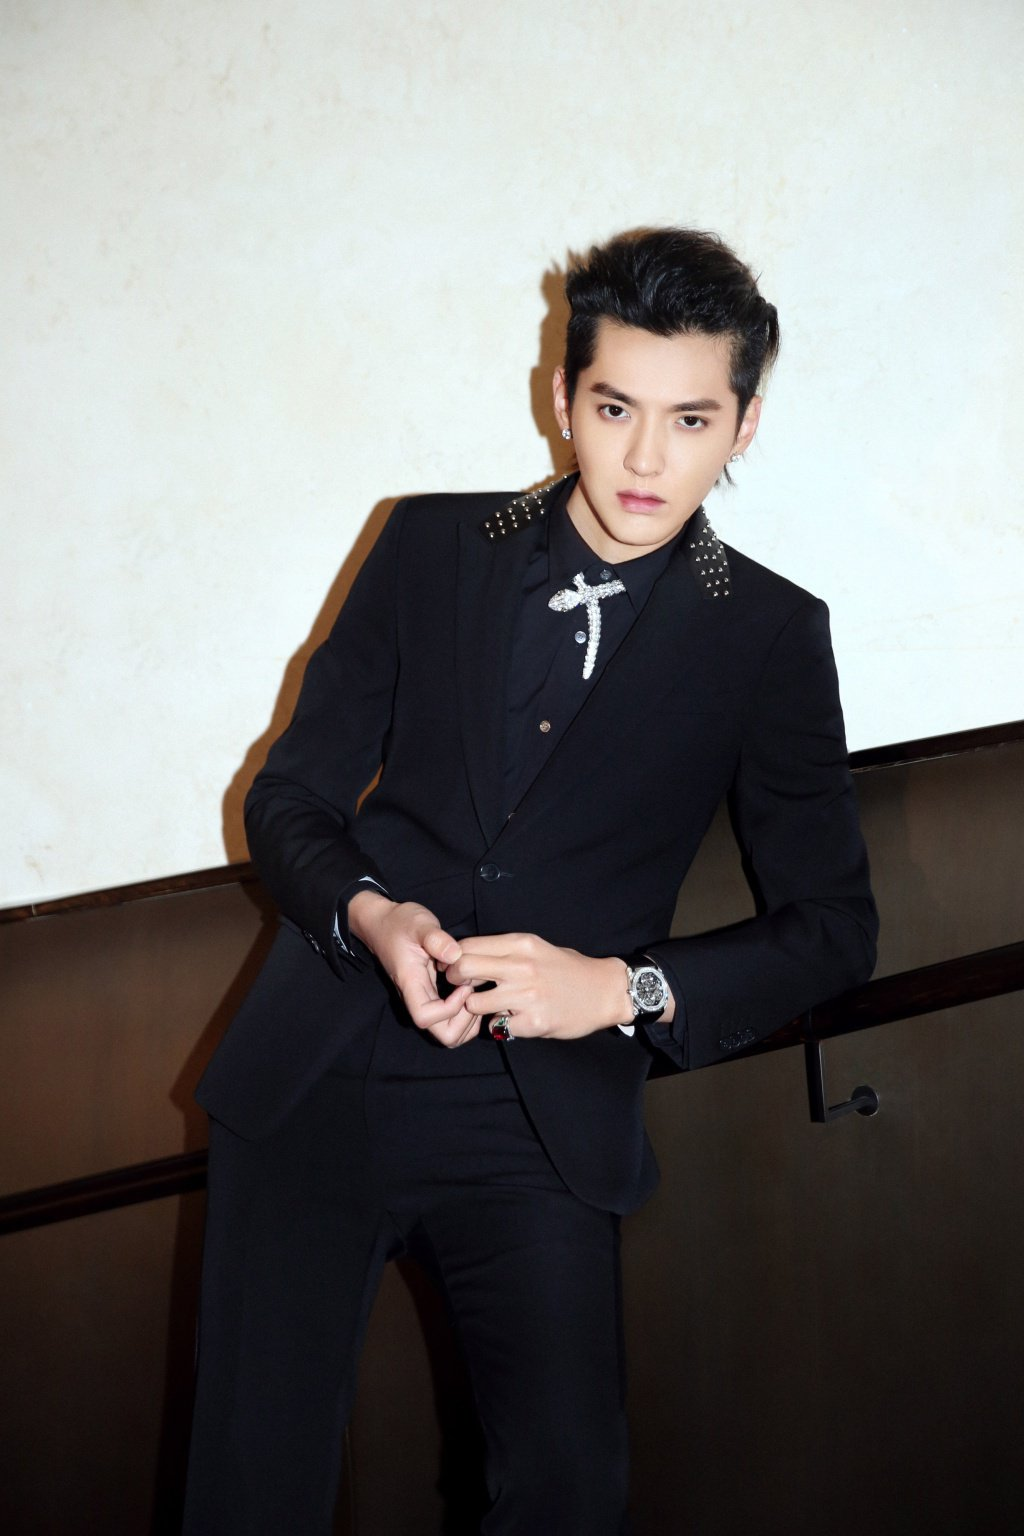 網友認為吳亦凡英文好又正當紅,適合演出花木蘭真人版男主角。圖/摘自微博